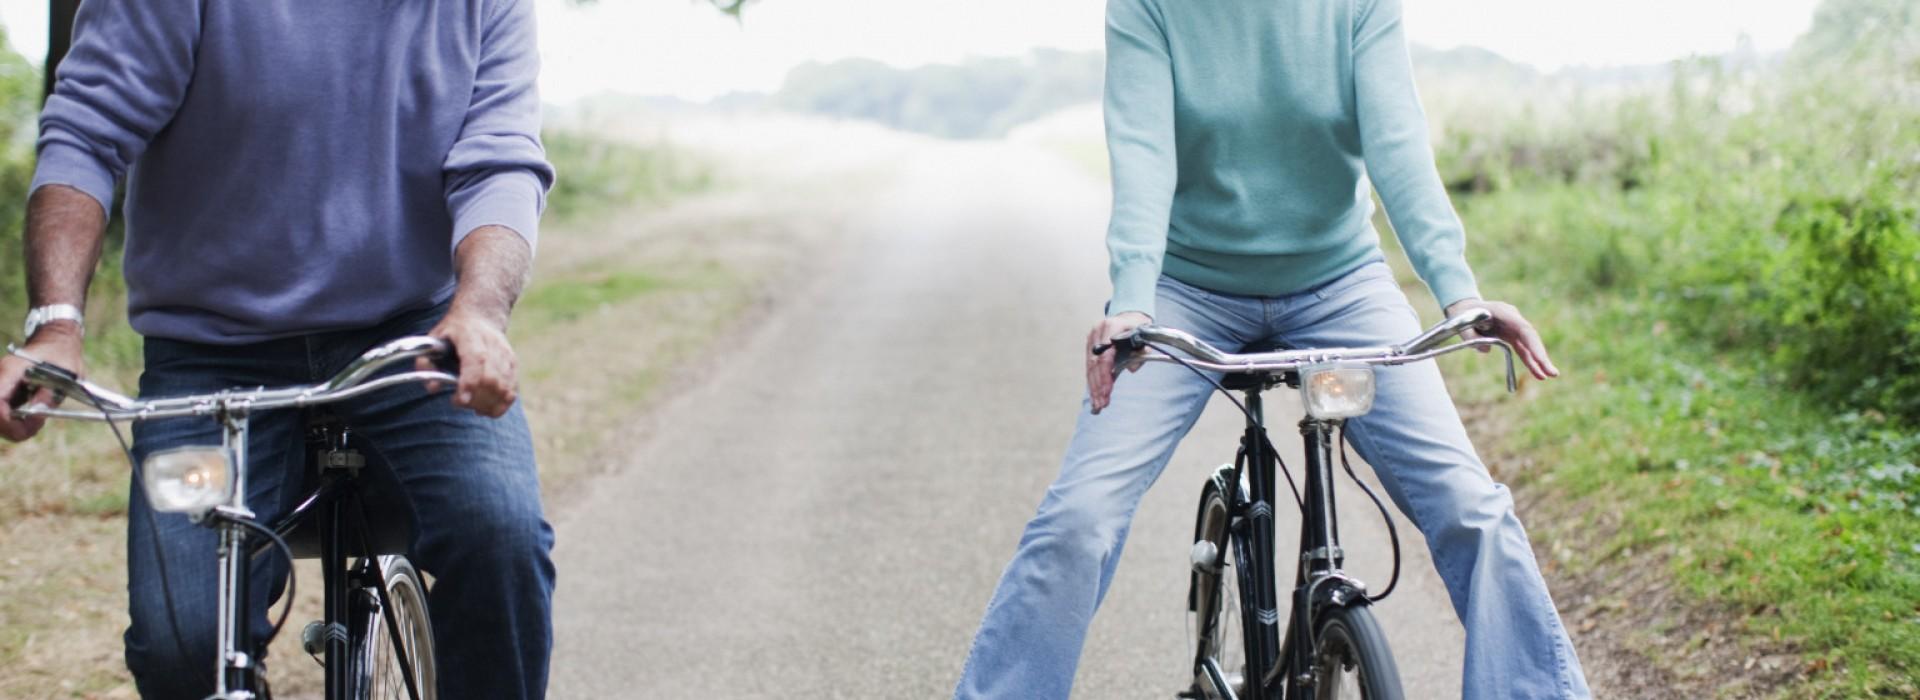 Díky metabolic balance vitální i ve stáří